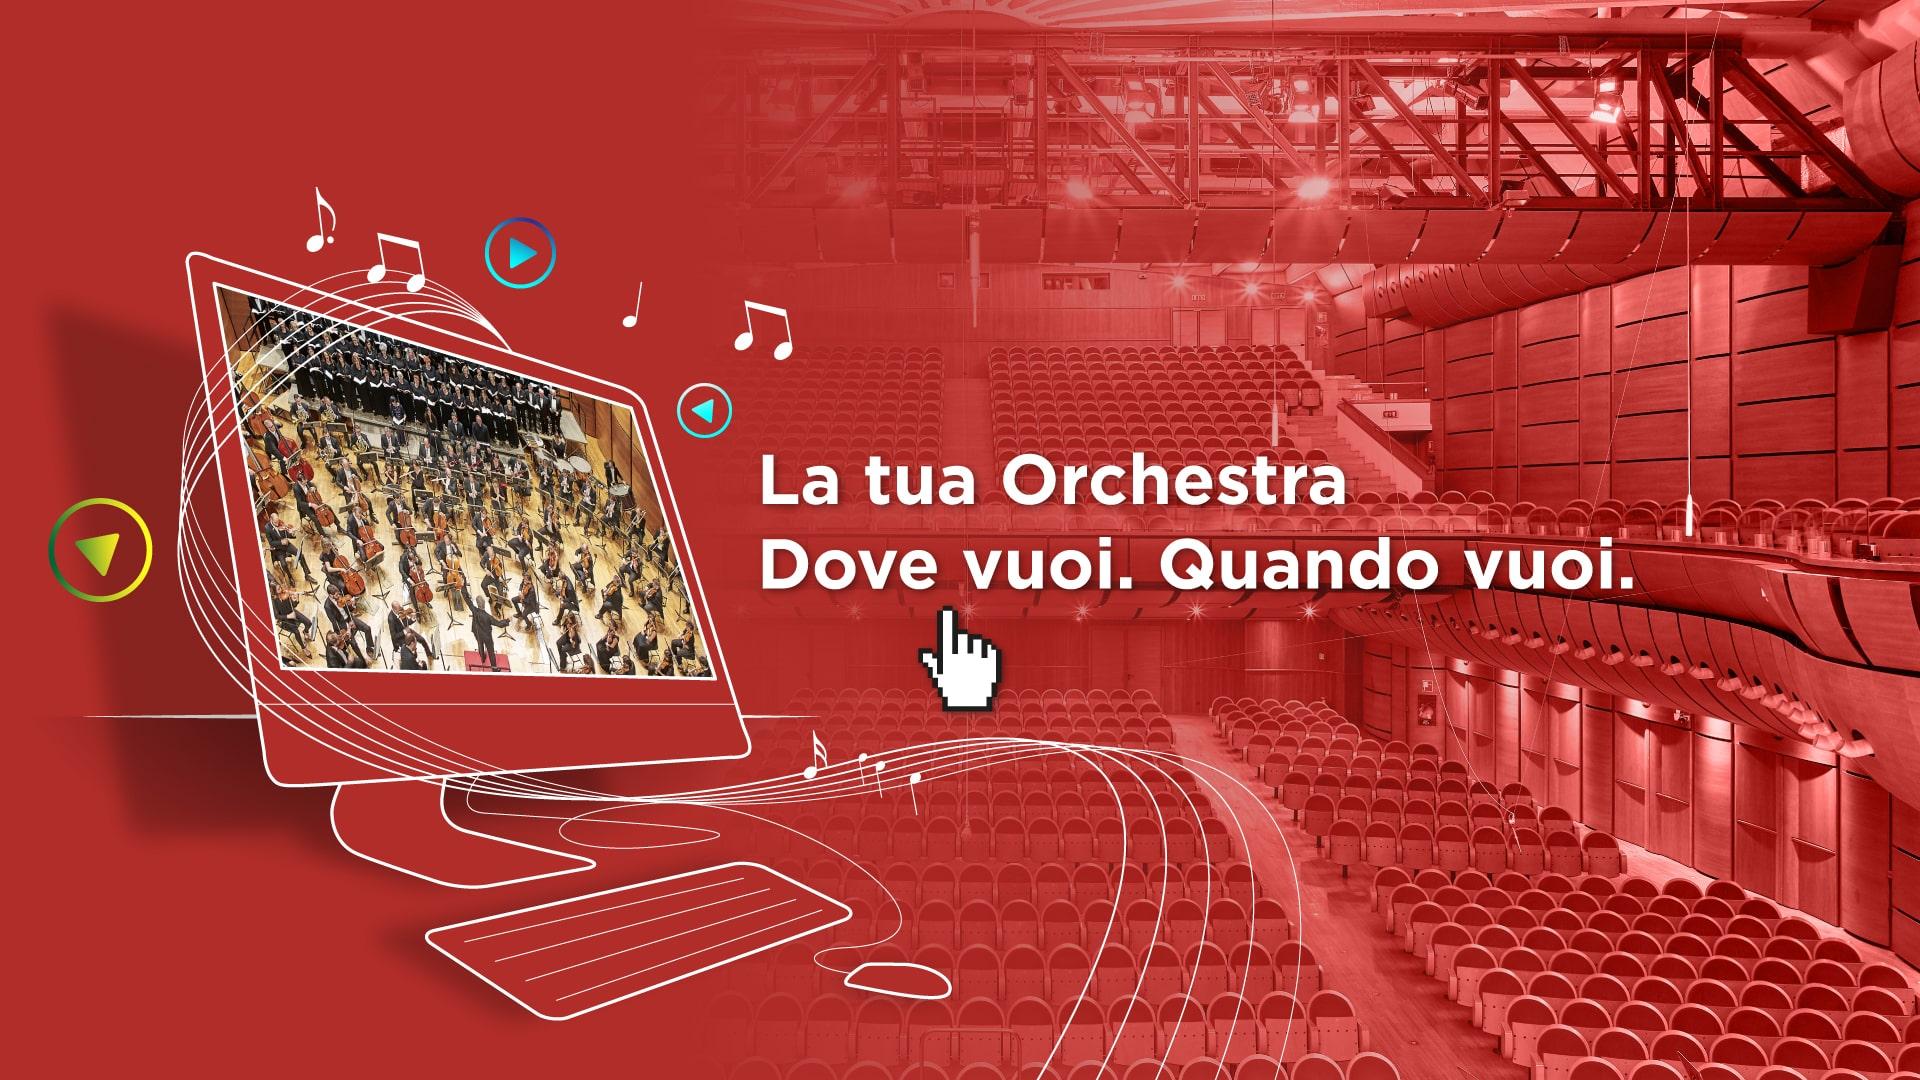 laVerdi: La rivoluzione digitale | L'orchestra dove vuoi, quando vuoi